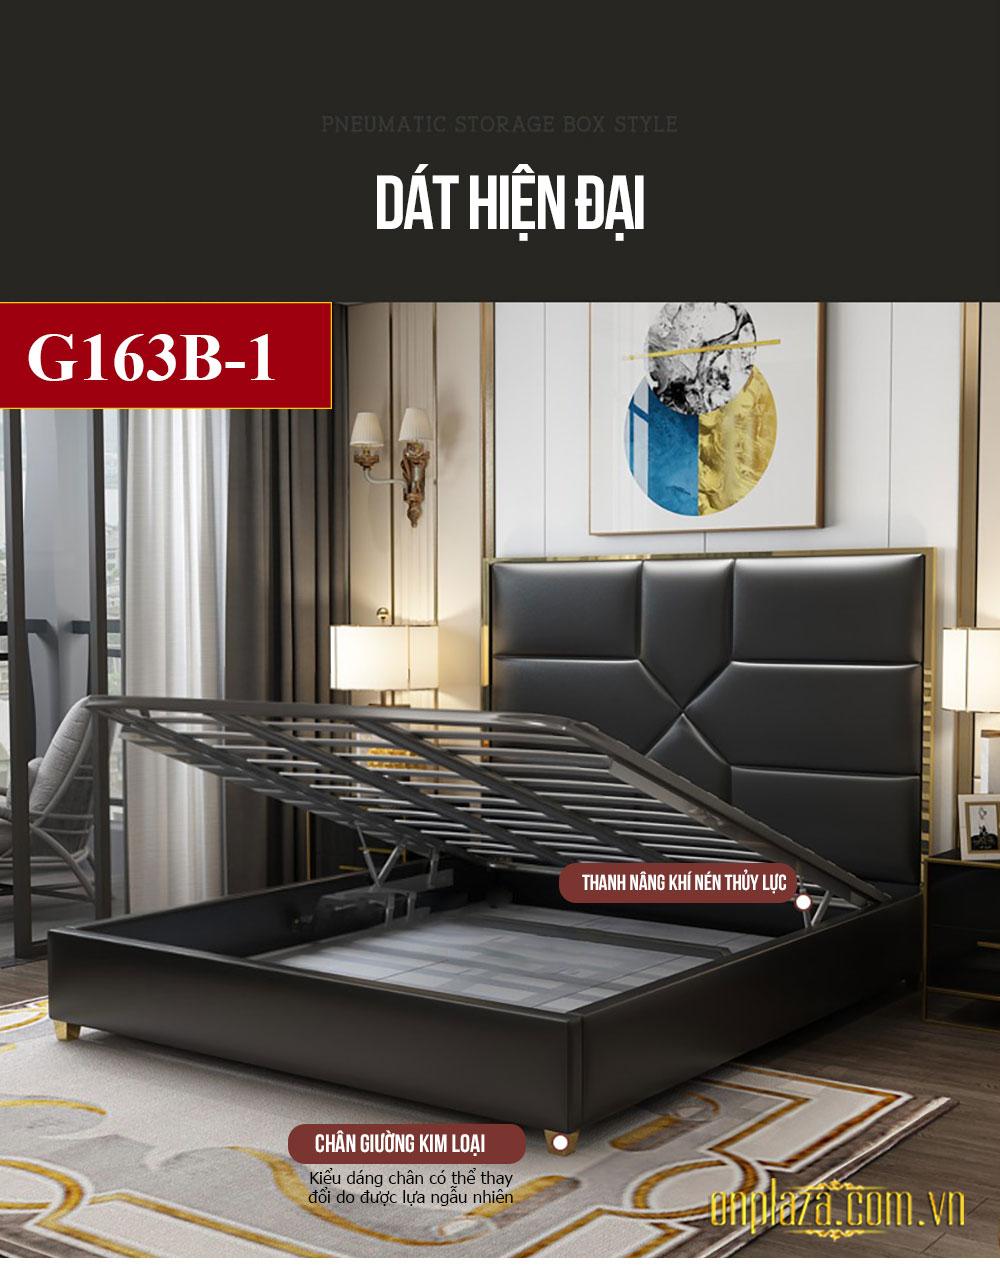 Bộ giường ngủ gỗ tự nhiên bọc da phối kim loại độc đáo và sang trọng G163